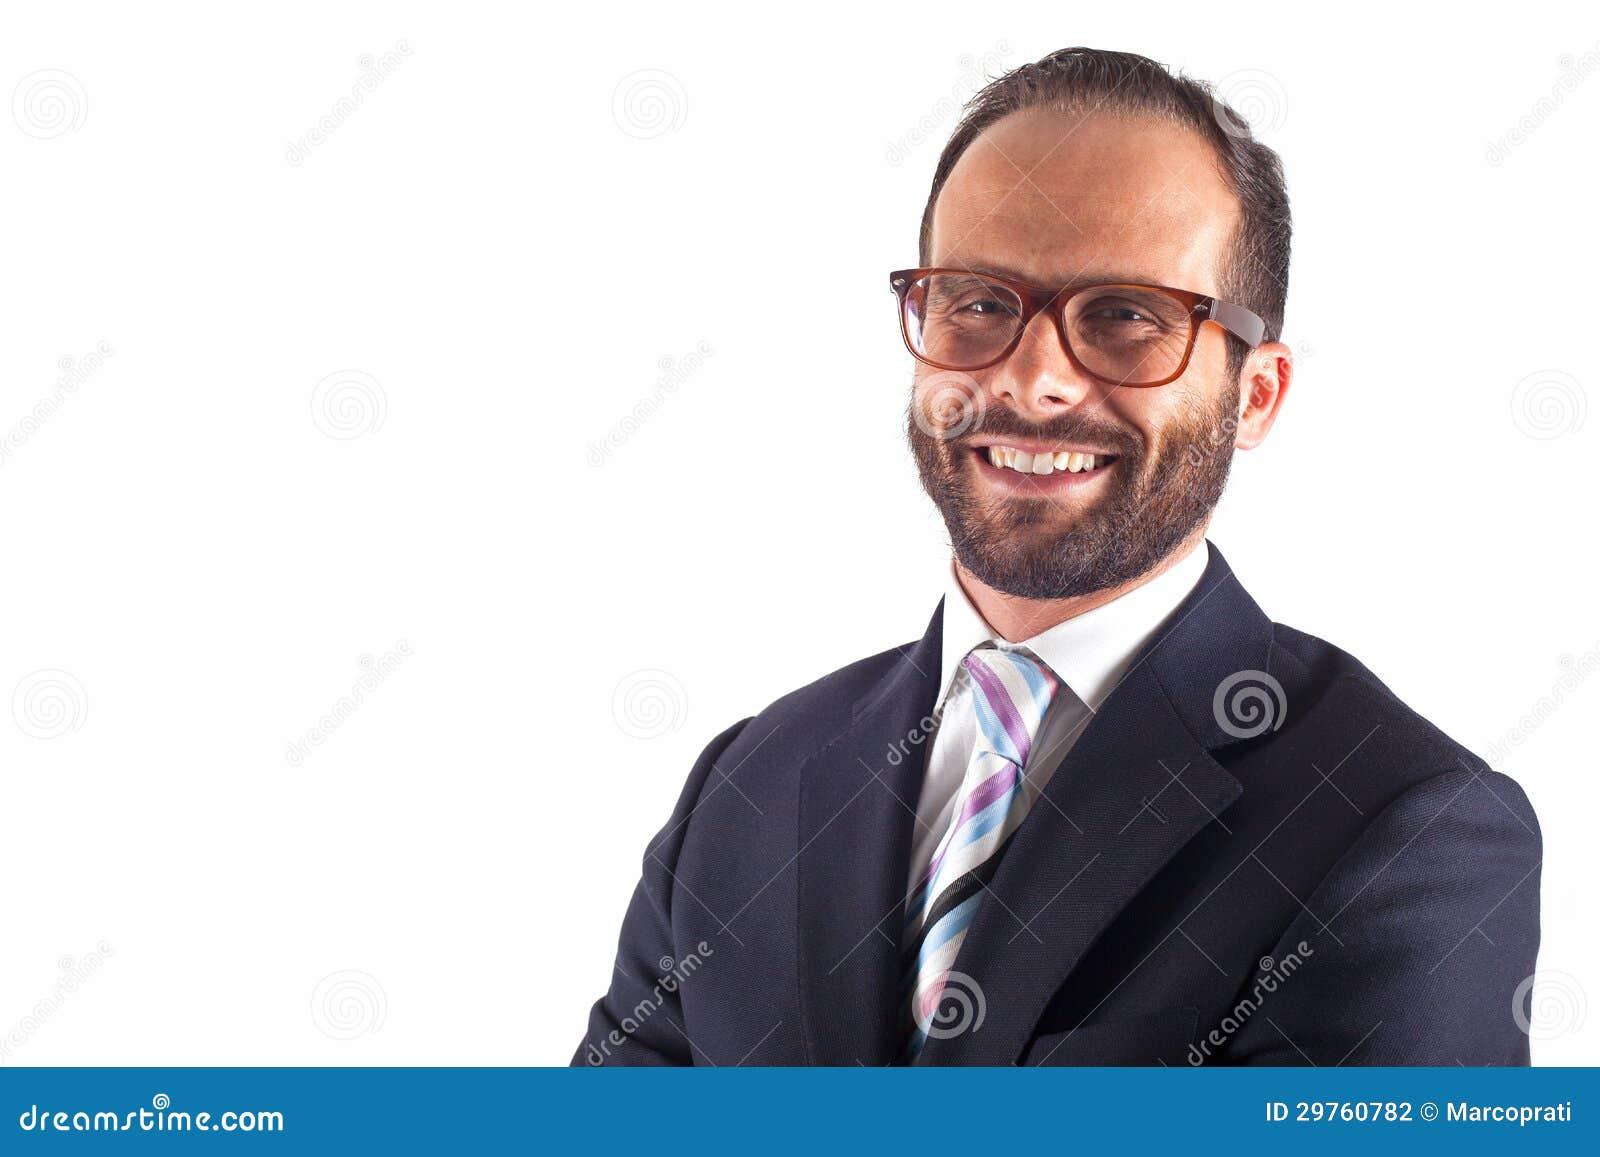 Портрет бизнесмена изолированного на белой предпосылке. Студия